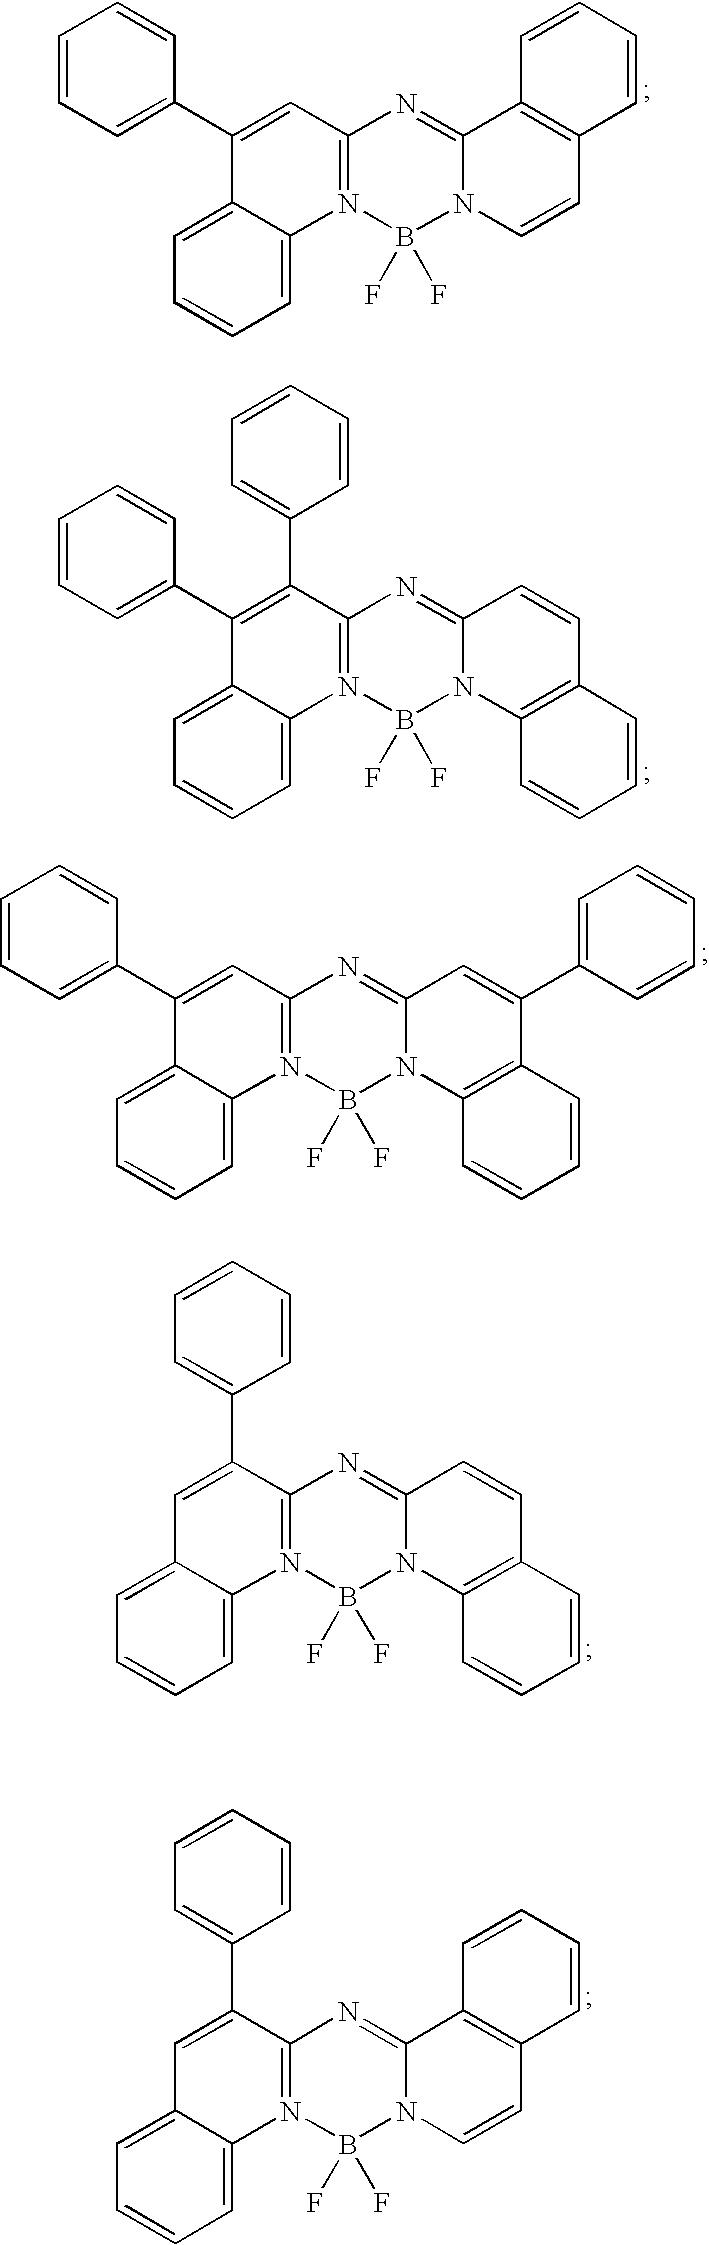 Figure US07602119-20091013-C00024